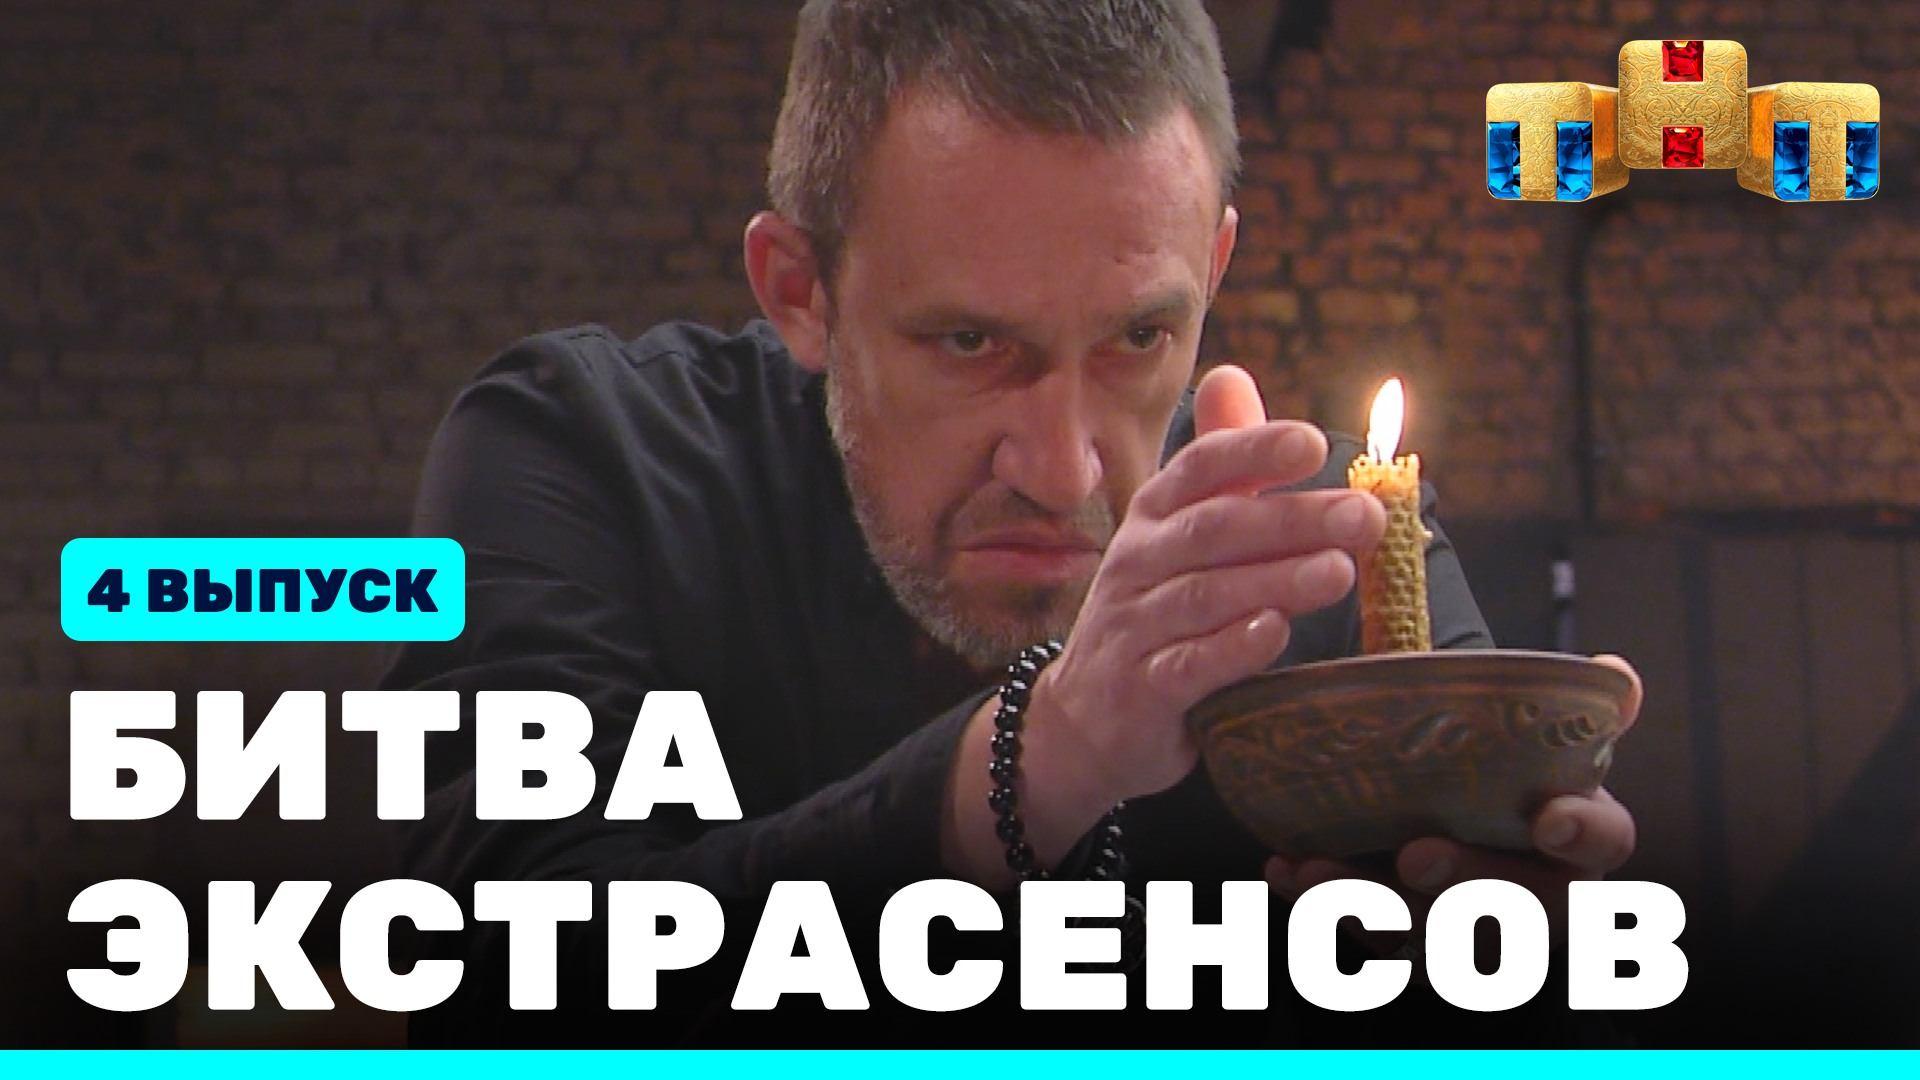 Битва экстрасенсов, 22 сезон, 4 выпуск